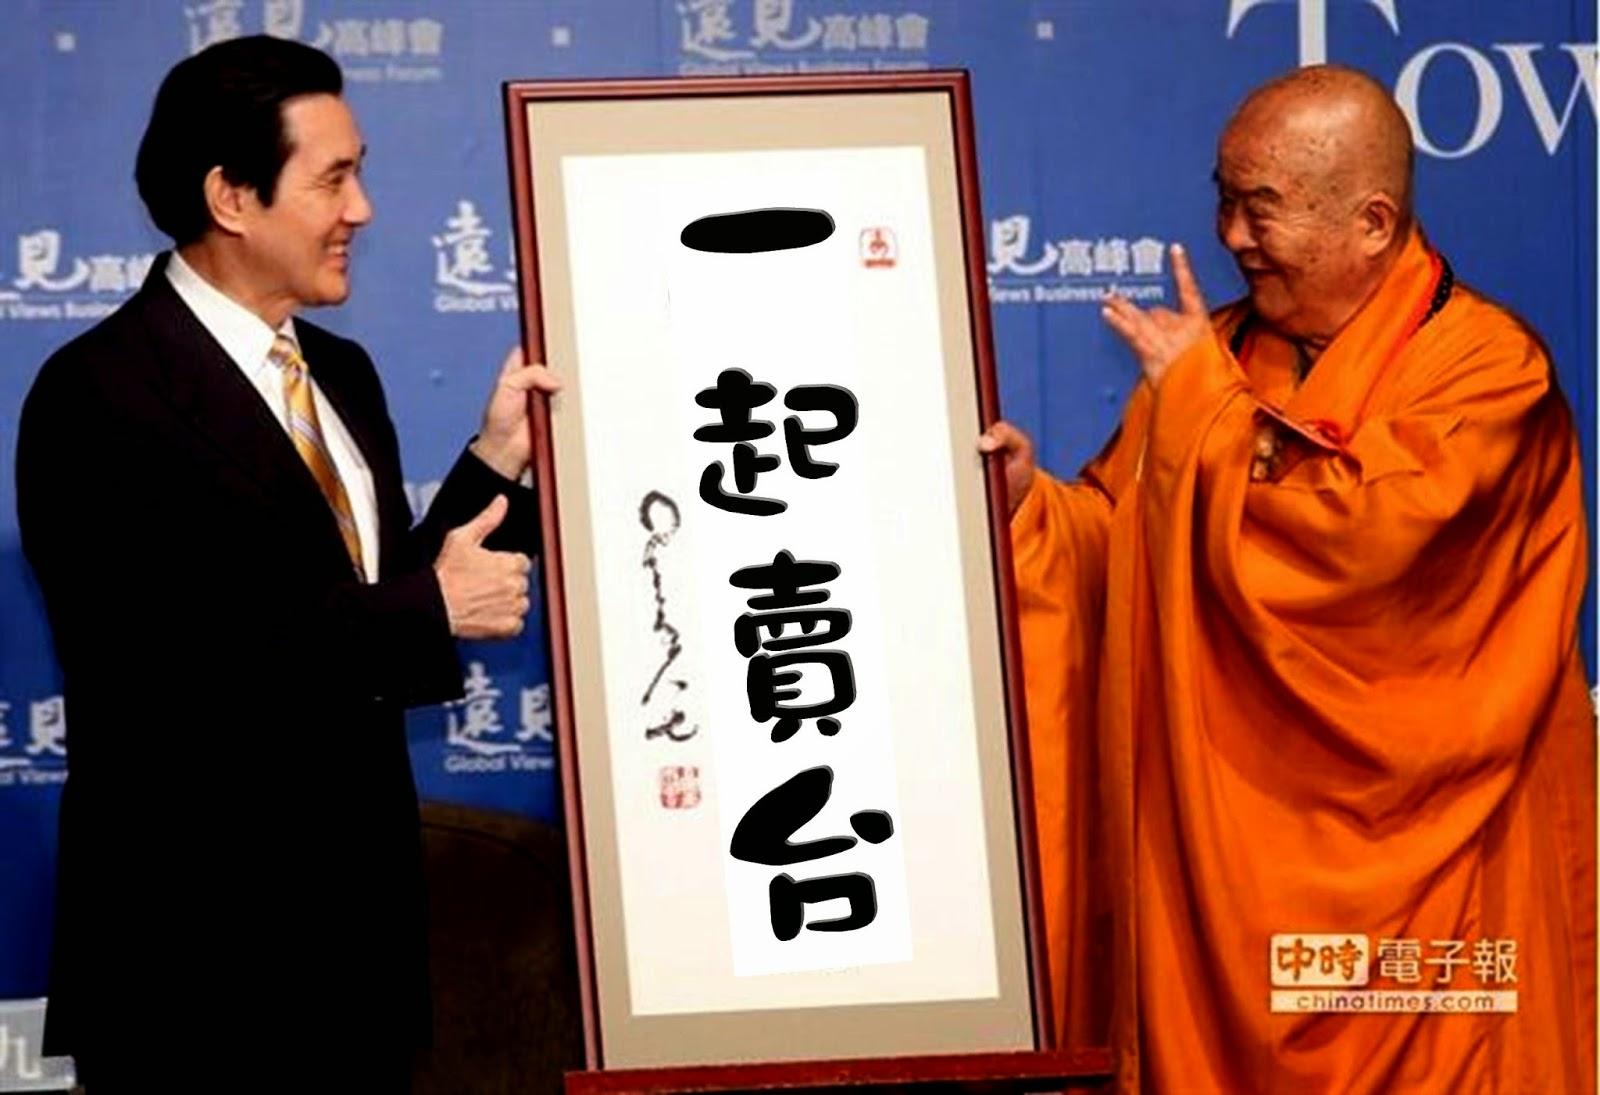 看清慈濟真相: 馬英九和星雲的中國迷障